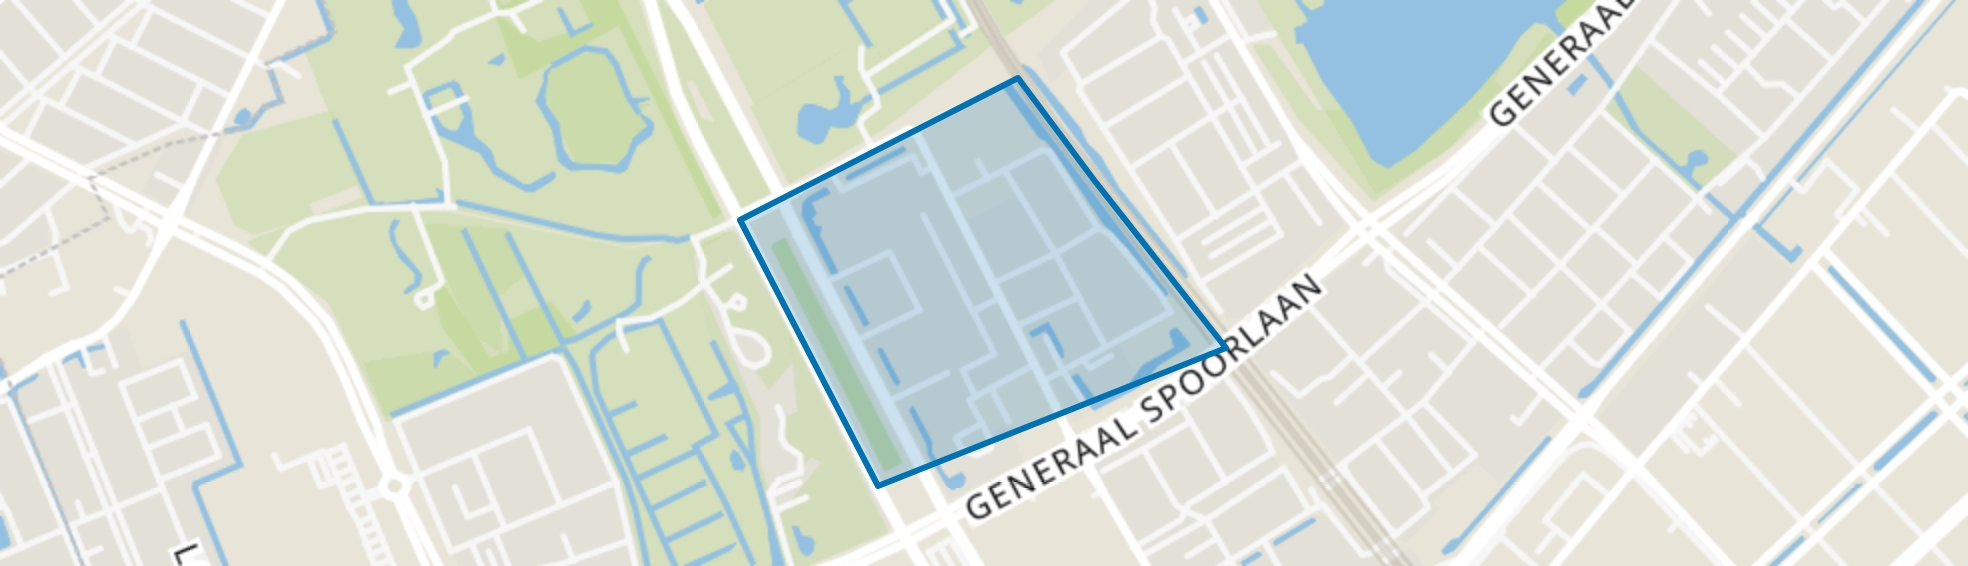 Kleurenbuurt, Rijswijk (ZH) map